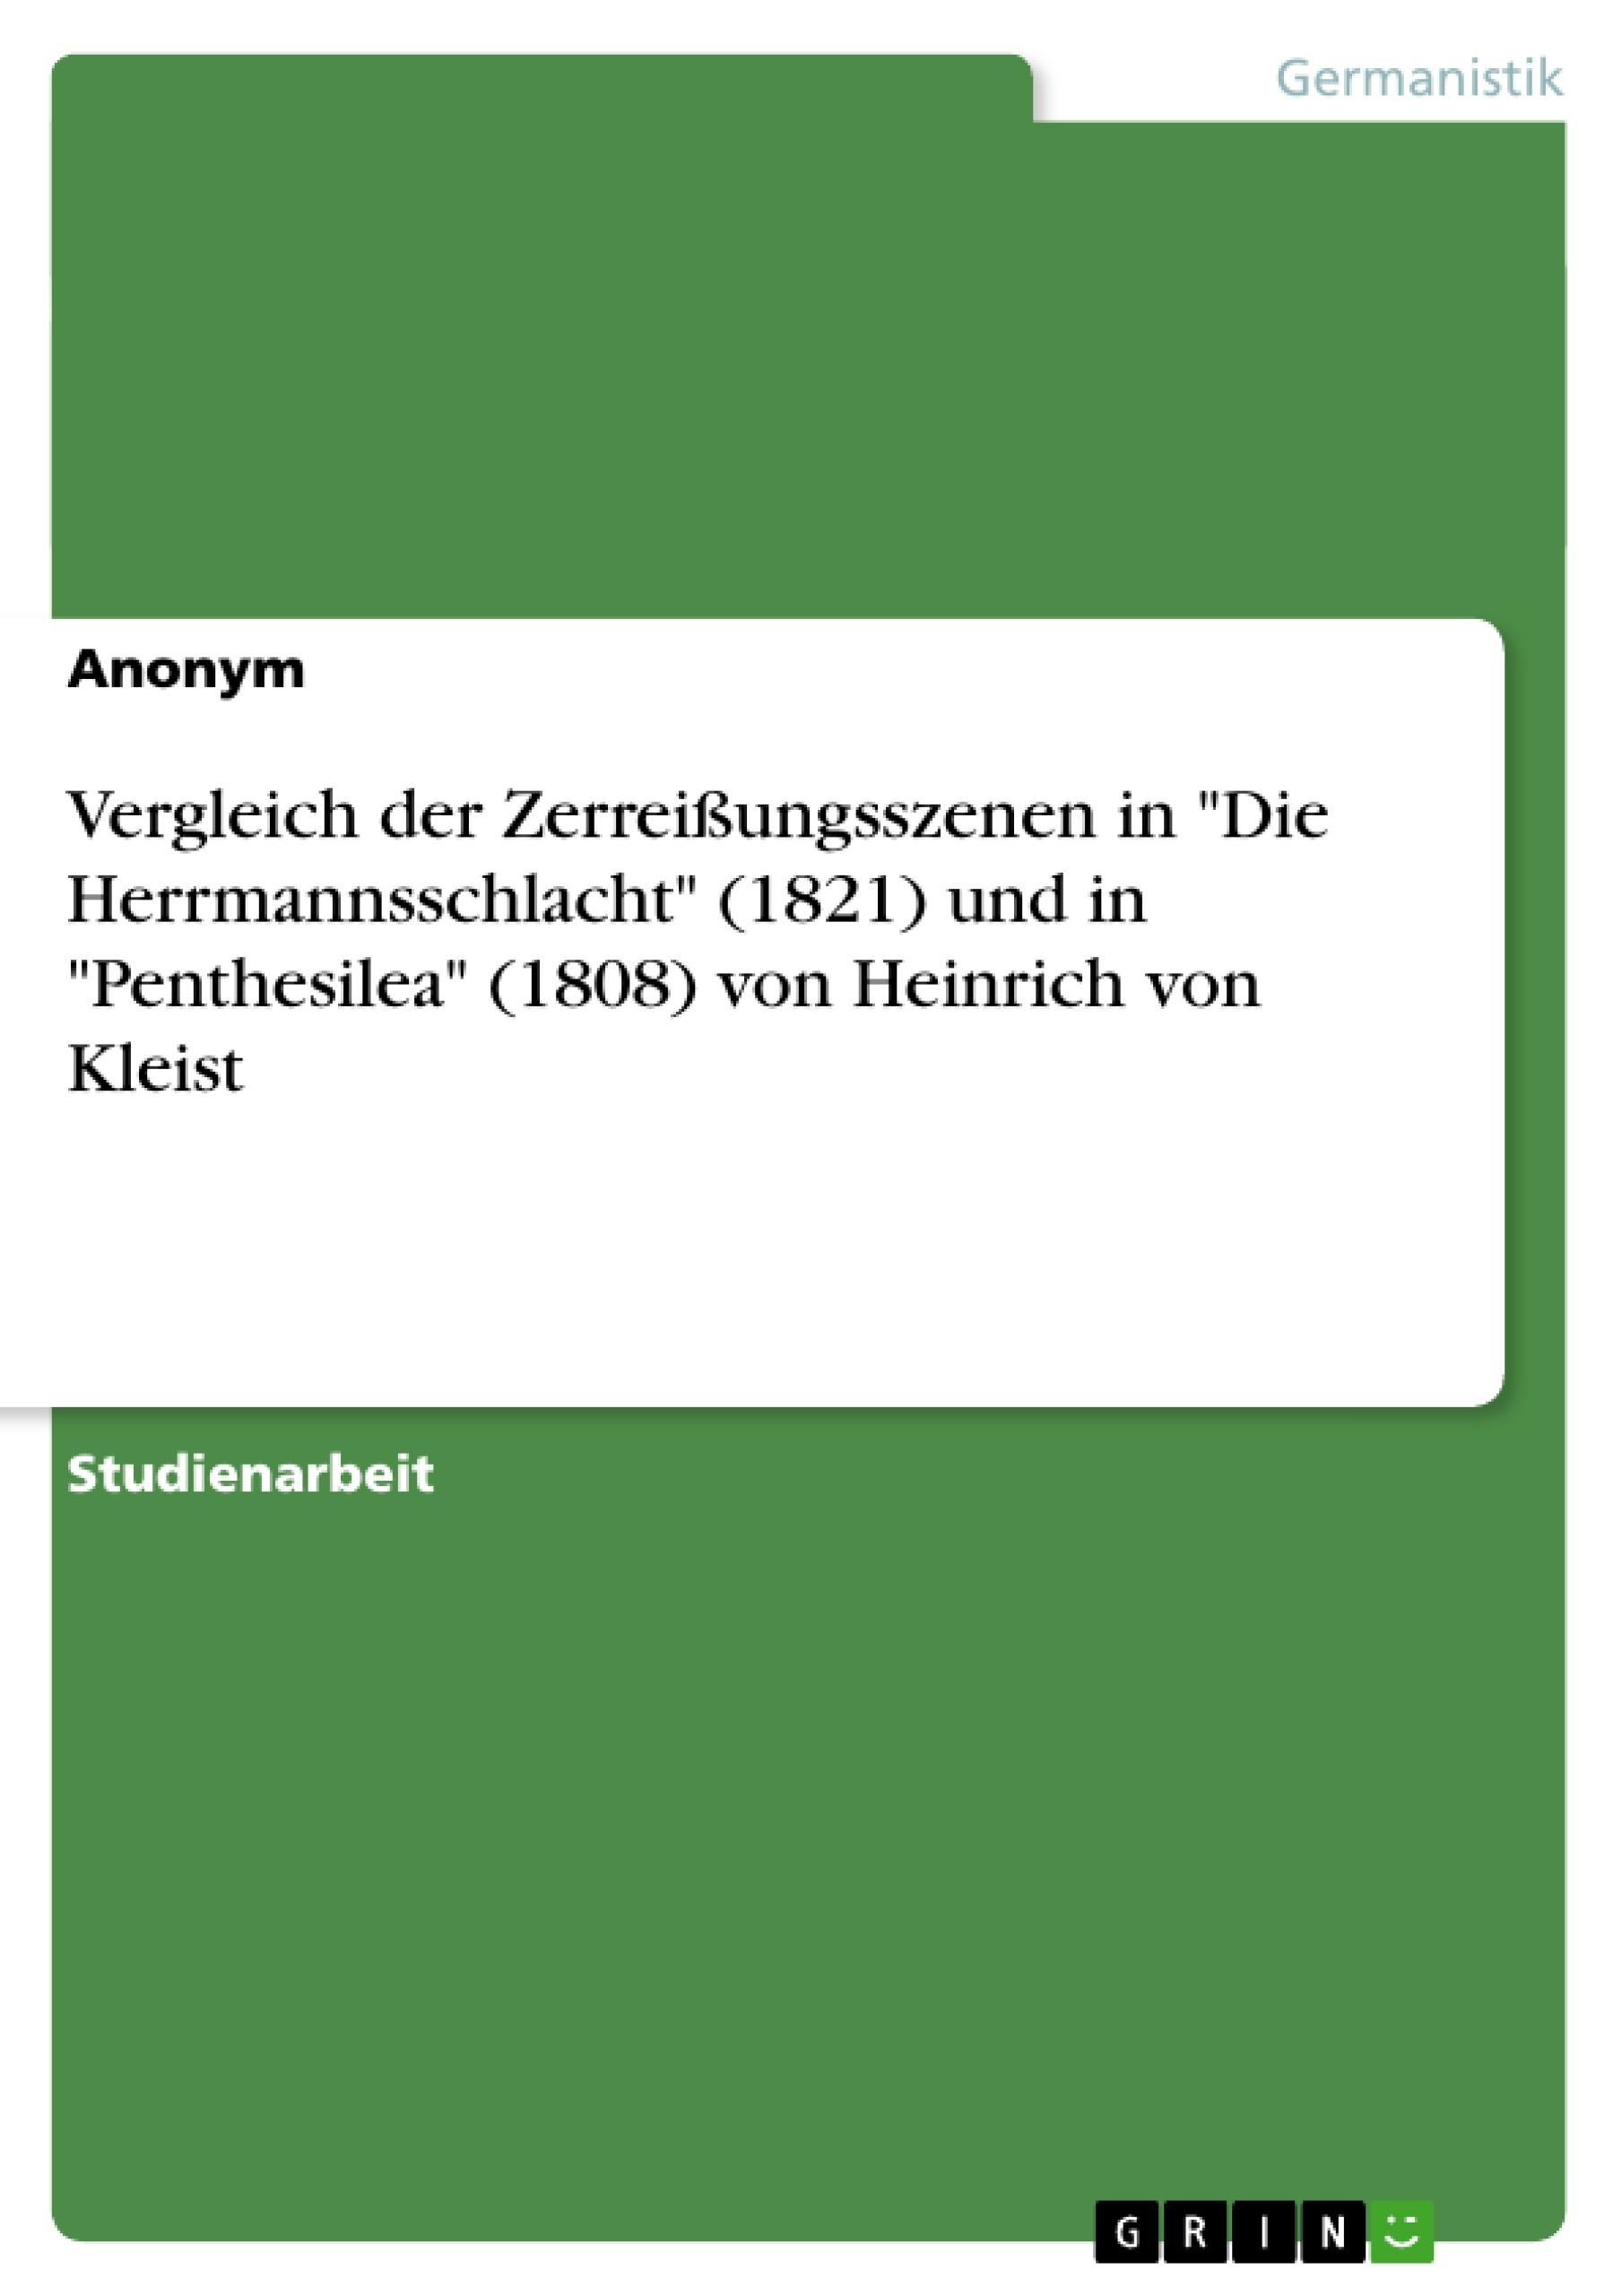 """Titel: Vergleich der Zerreißungsszenen in """"Die Herrmannsschlacht"""" (1821) und in """"Penthesilea"""" (1808) von Heinrich von Kleist"""